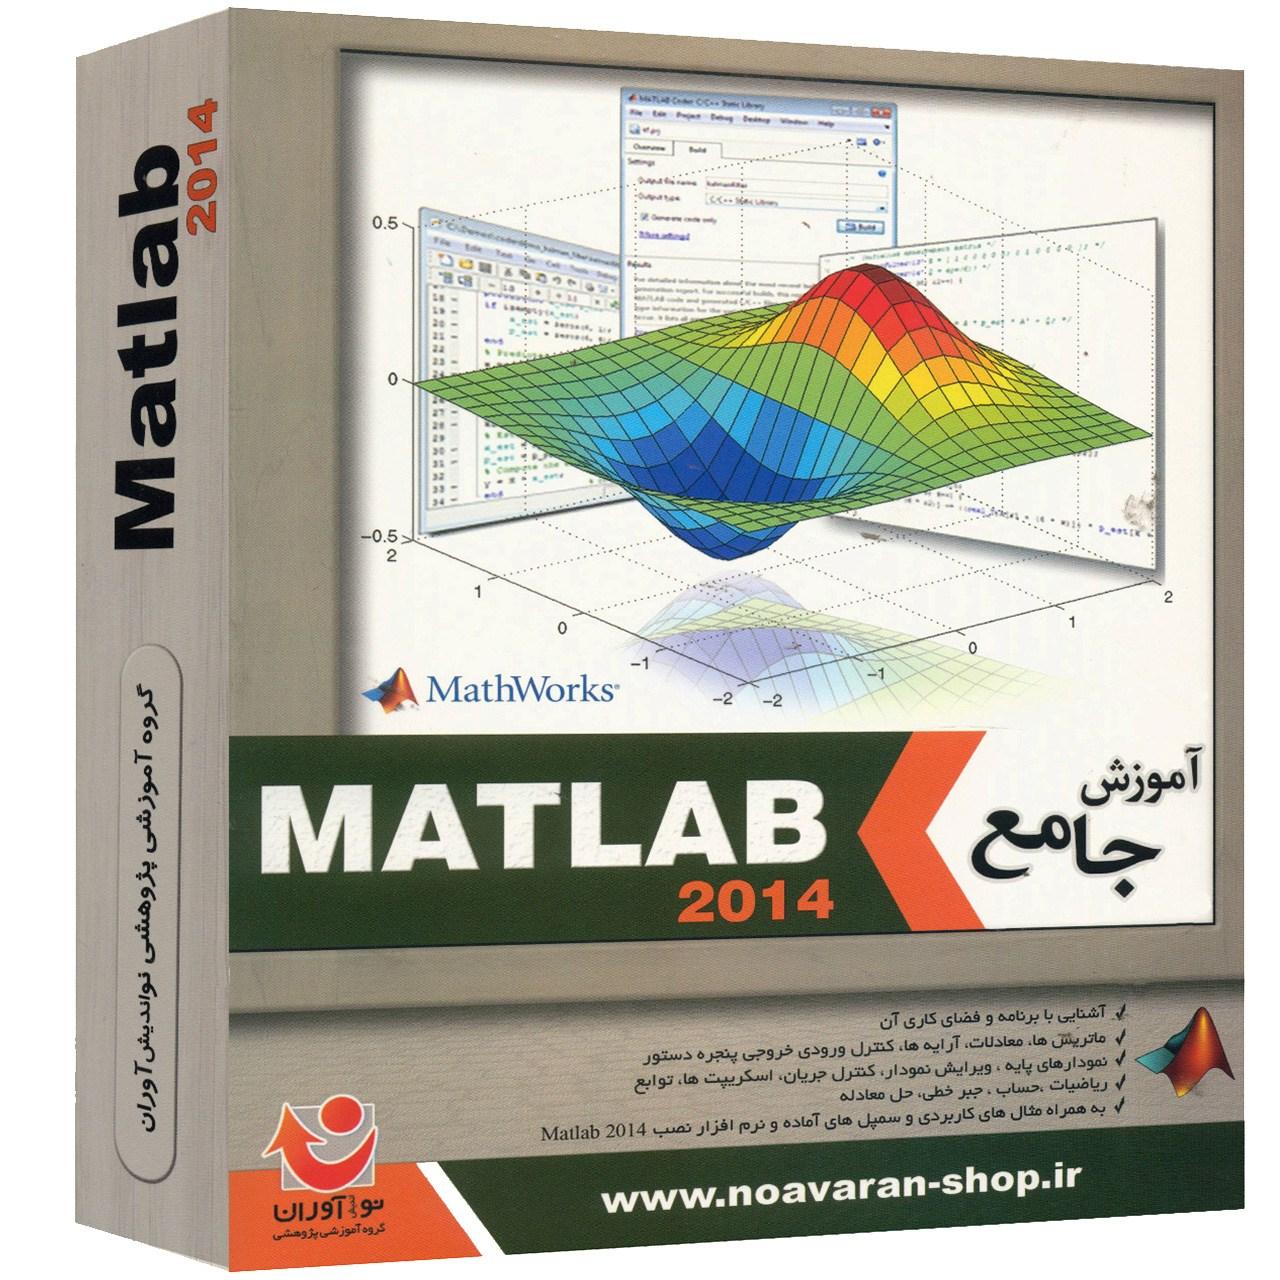 نرم افزار نوآوران آموزش جامع Matlab 2014